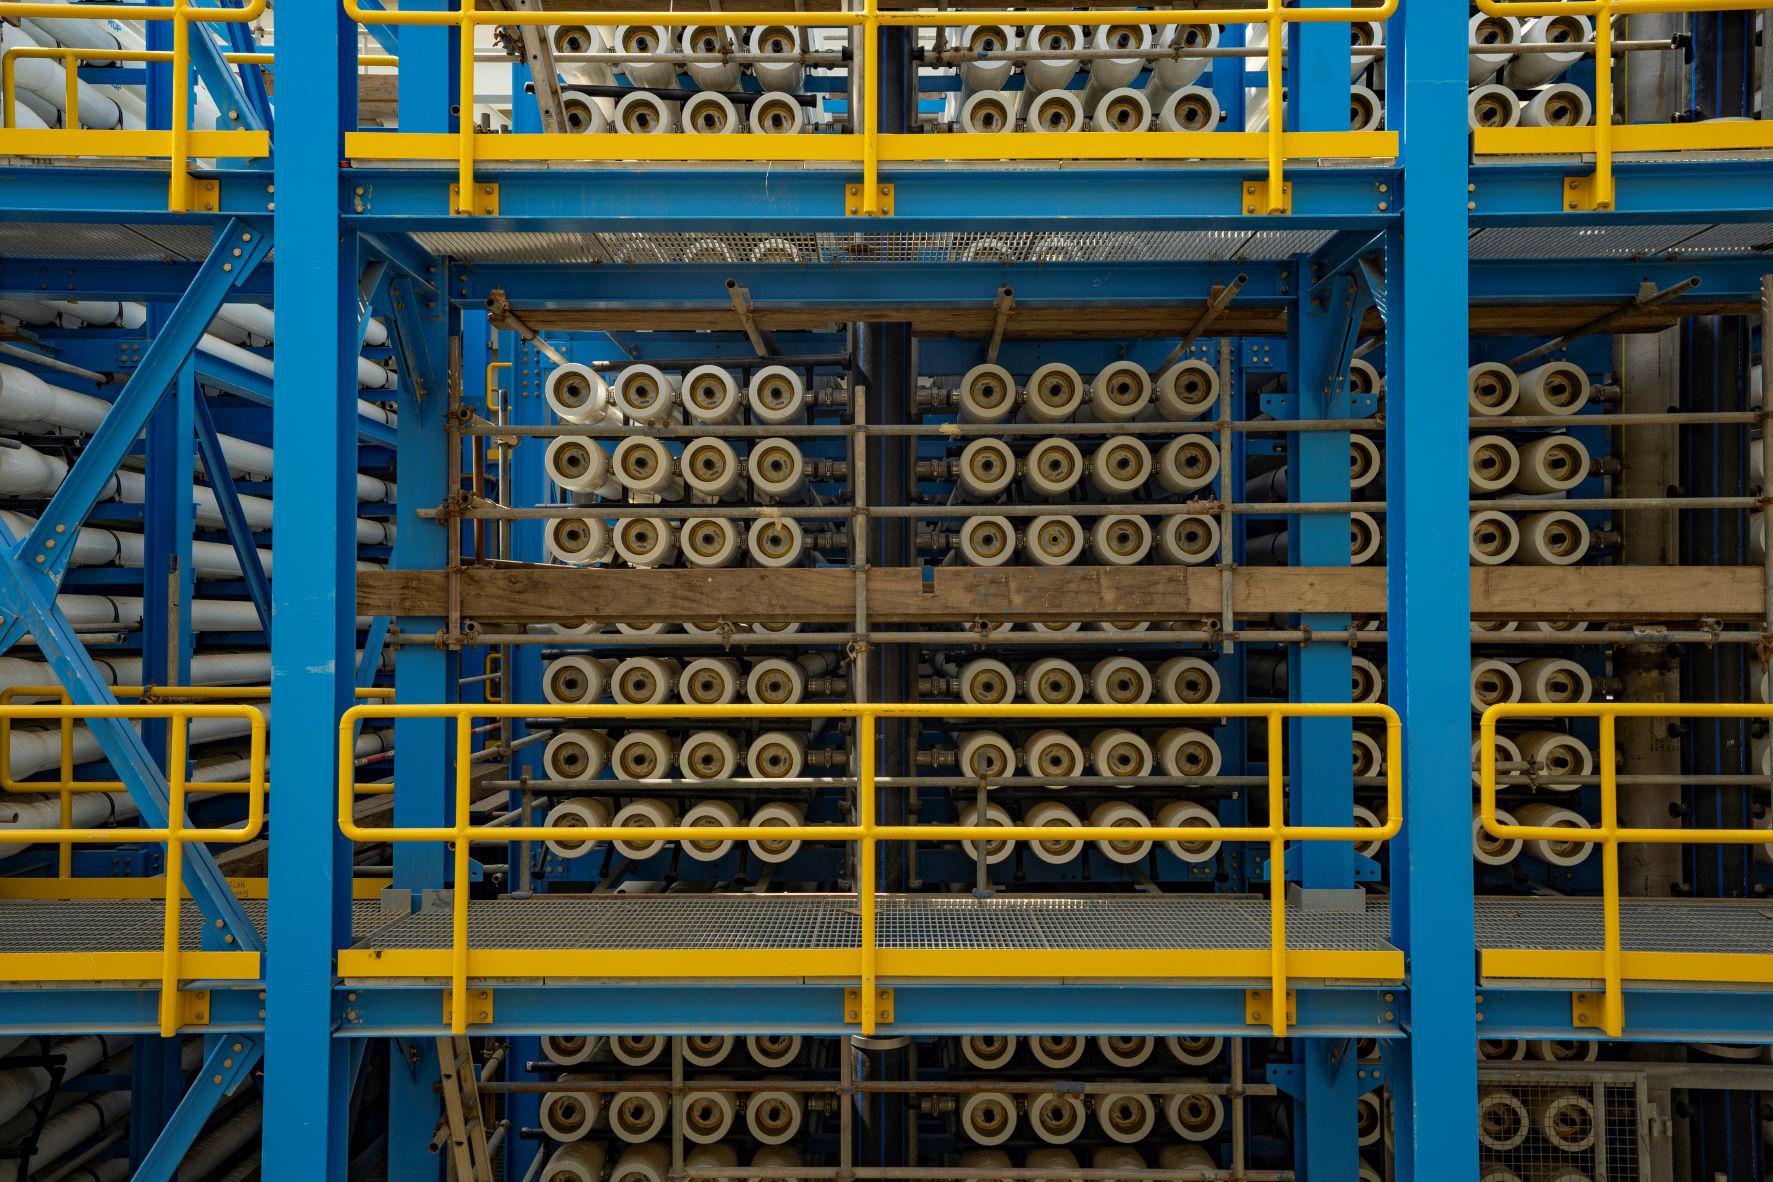 Shuqaiq 3 RO pressure valves